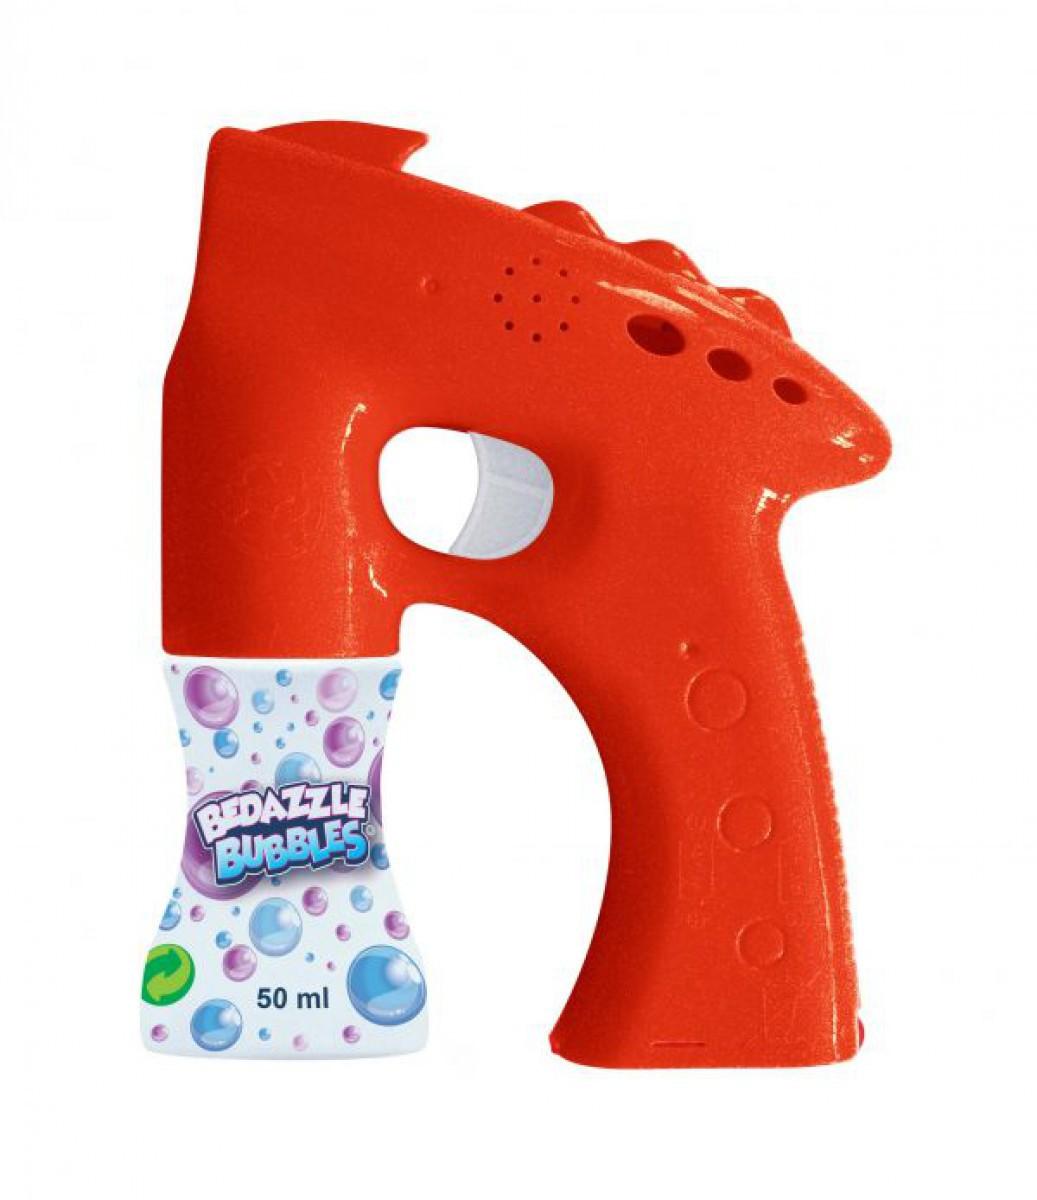 8fe5547b31c6 Bedazzle buborékfújó fegyver - piros - Kerti és vízes játékok ...